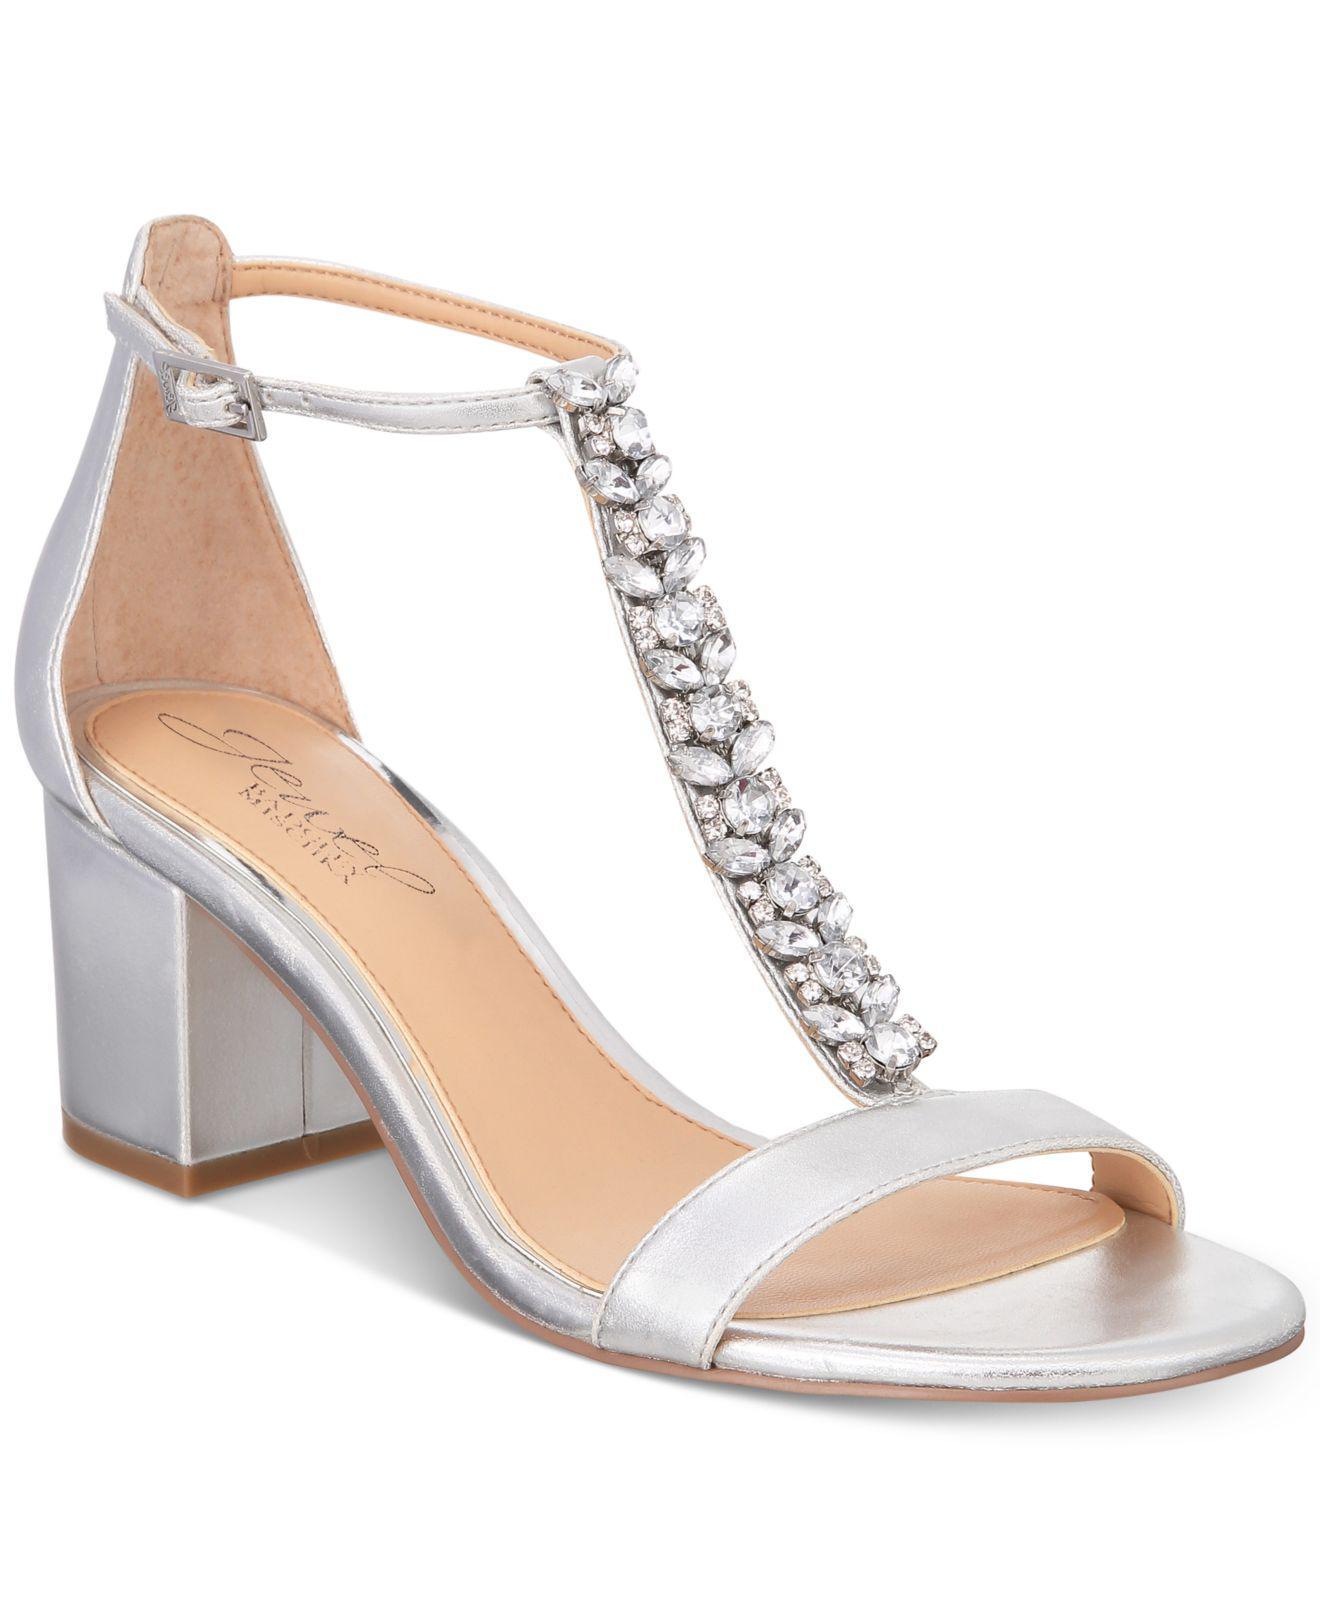 Badgley Mischka Lindsey Block-Heel Evening Sandals Women's Shoes F1UCm